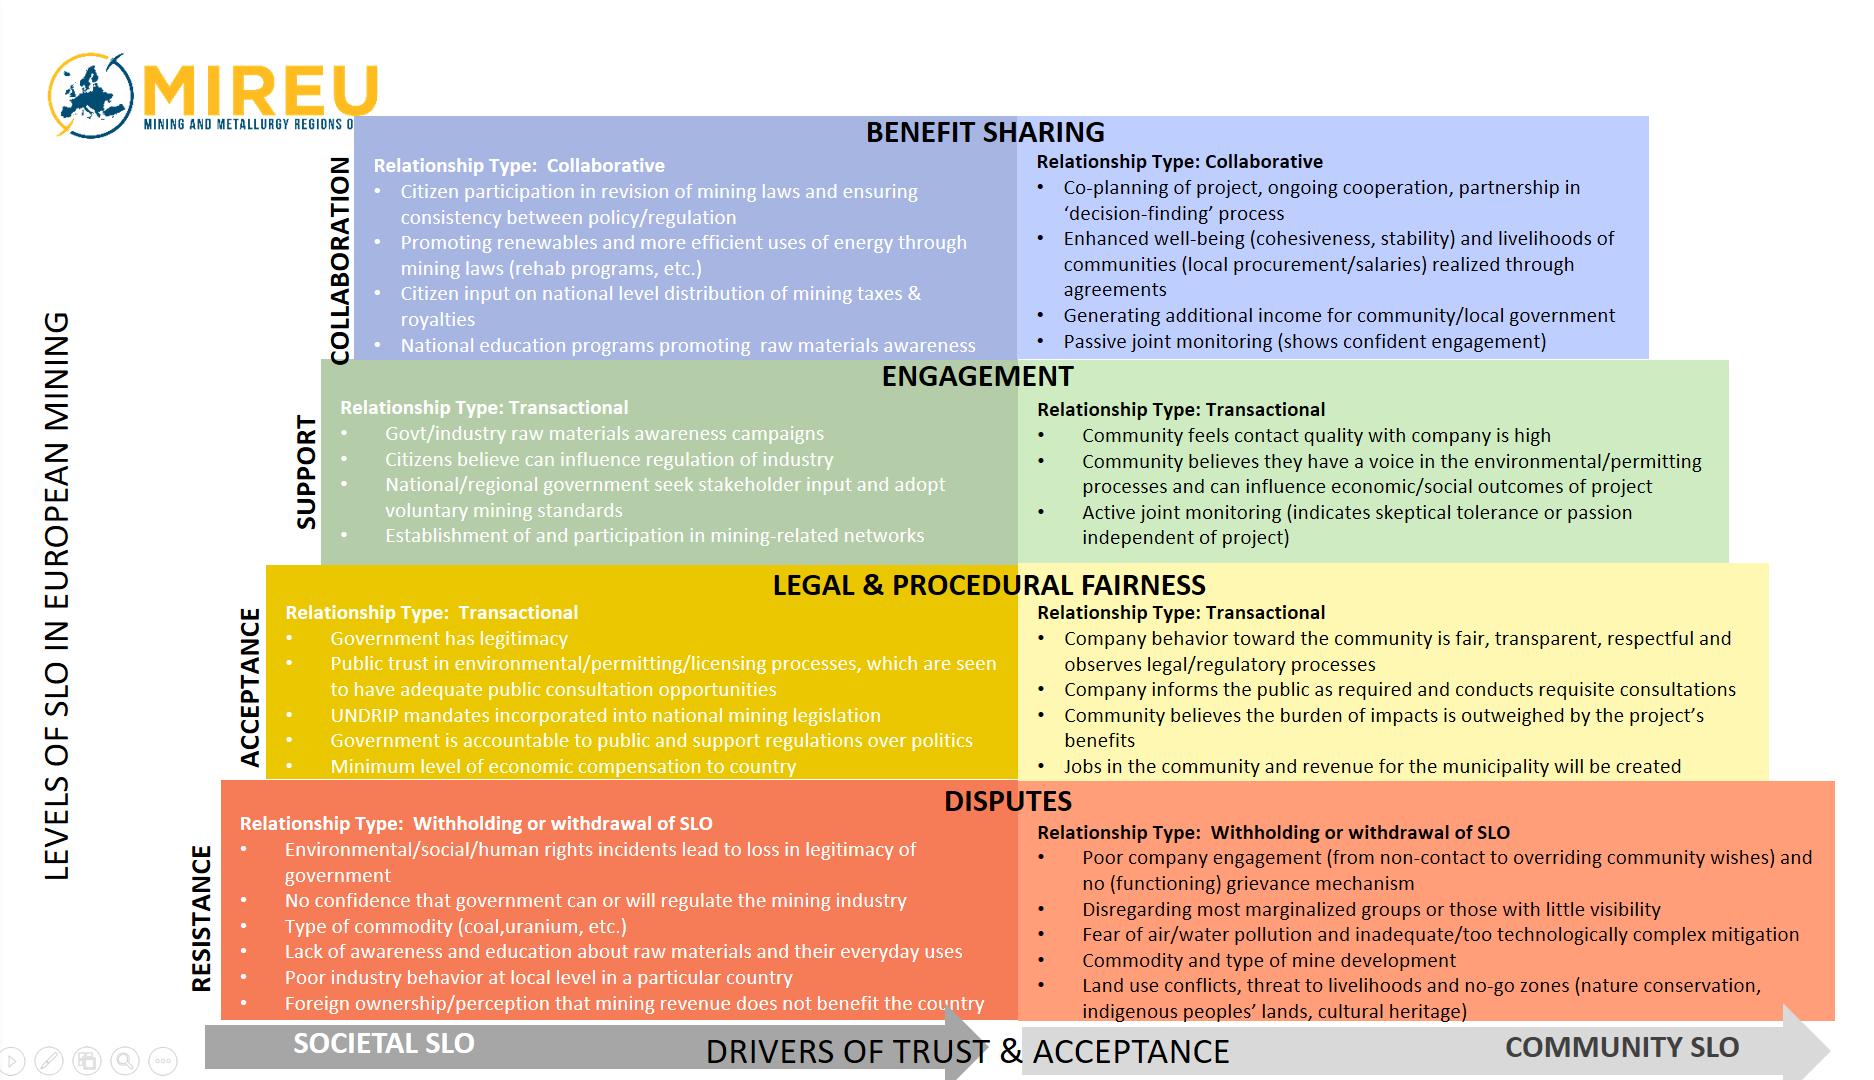 EU MIREU framework